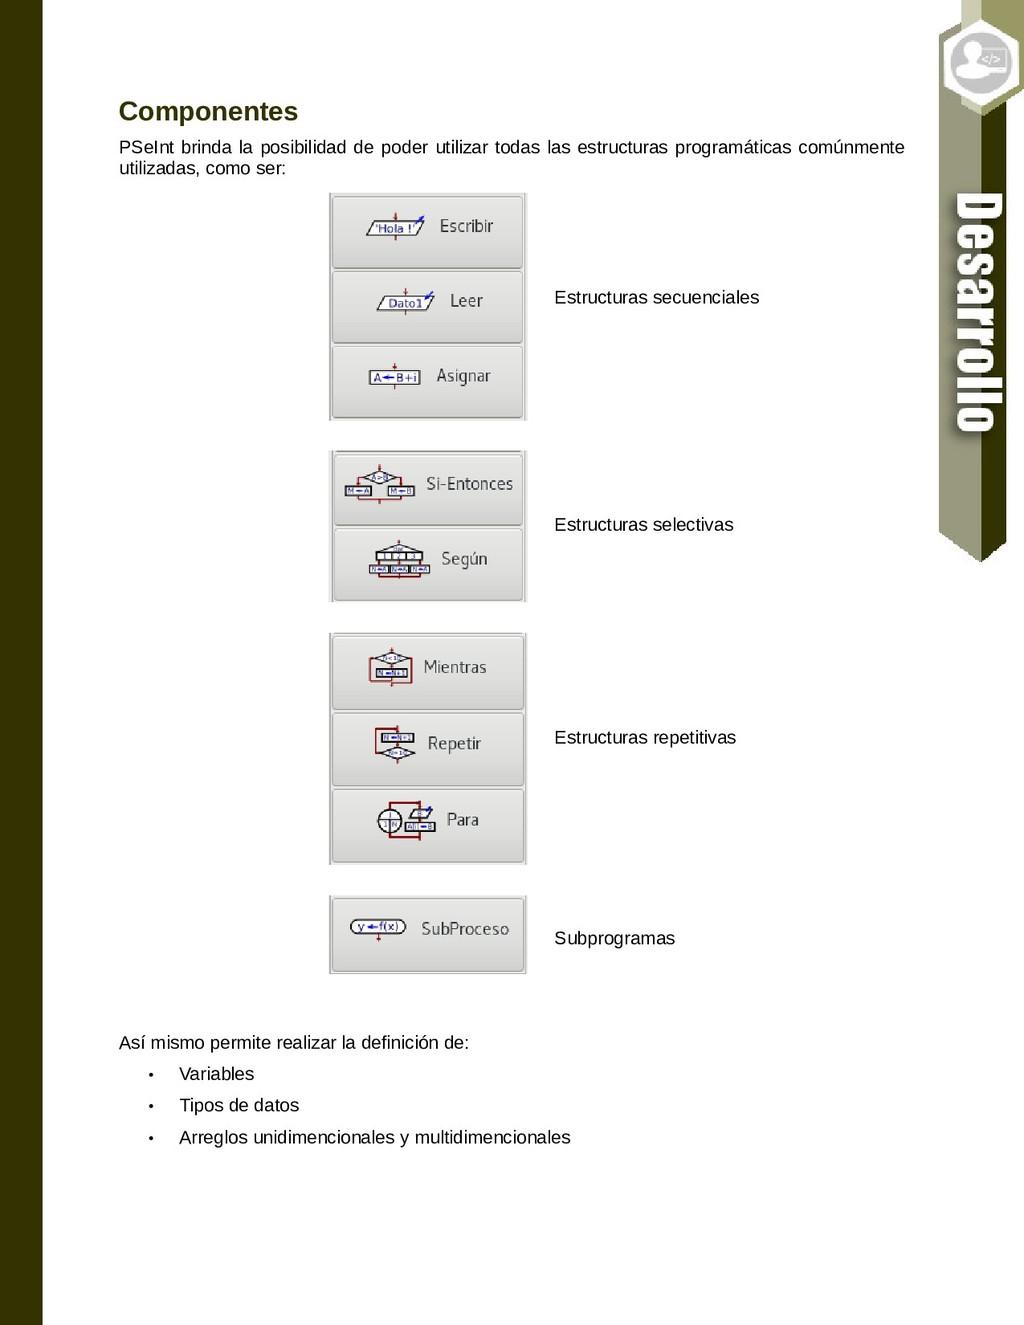 Componentes PSeInt brinda la posibilidad de pod...